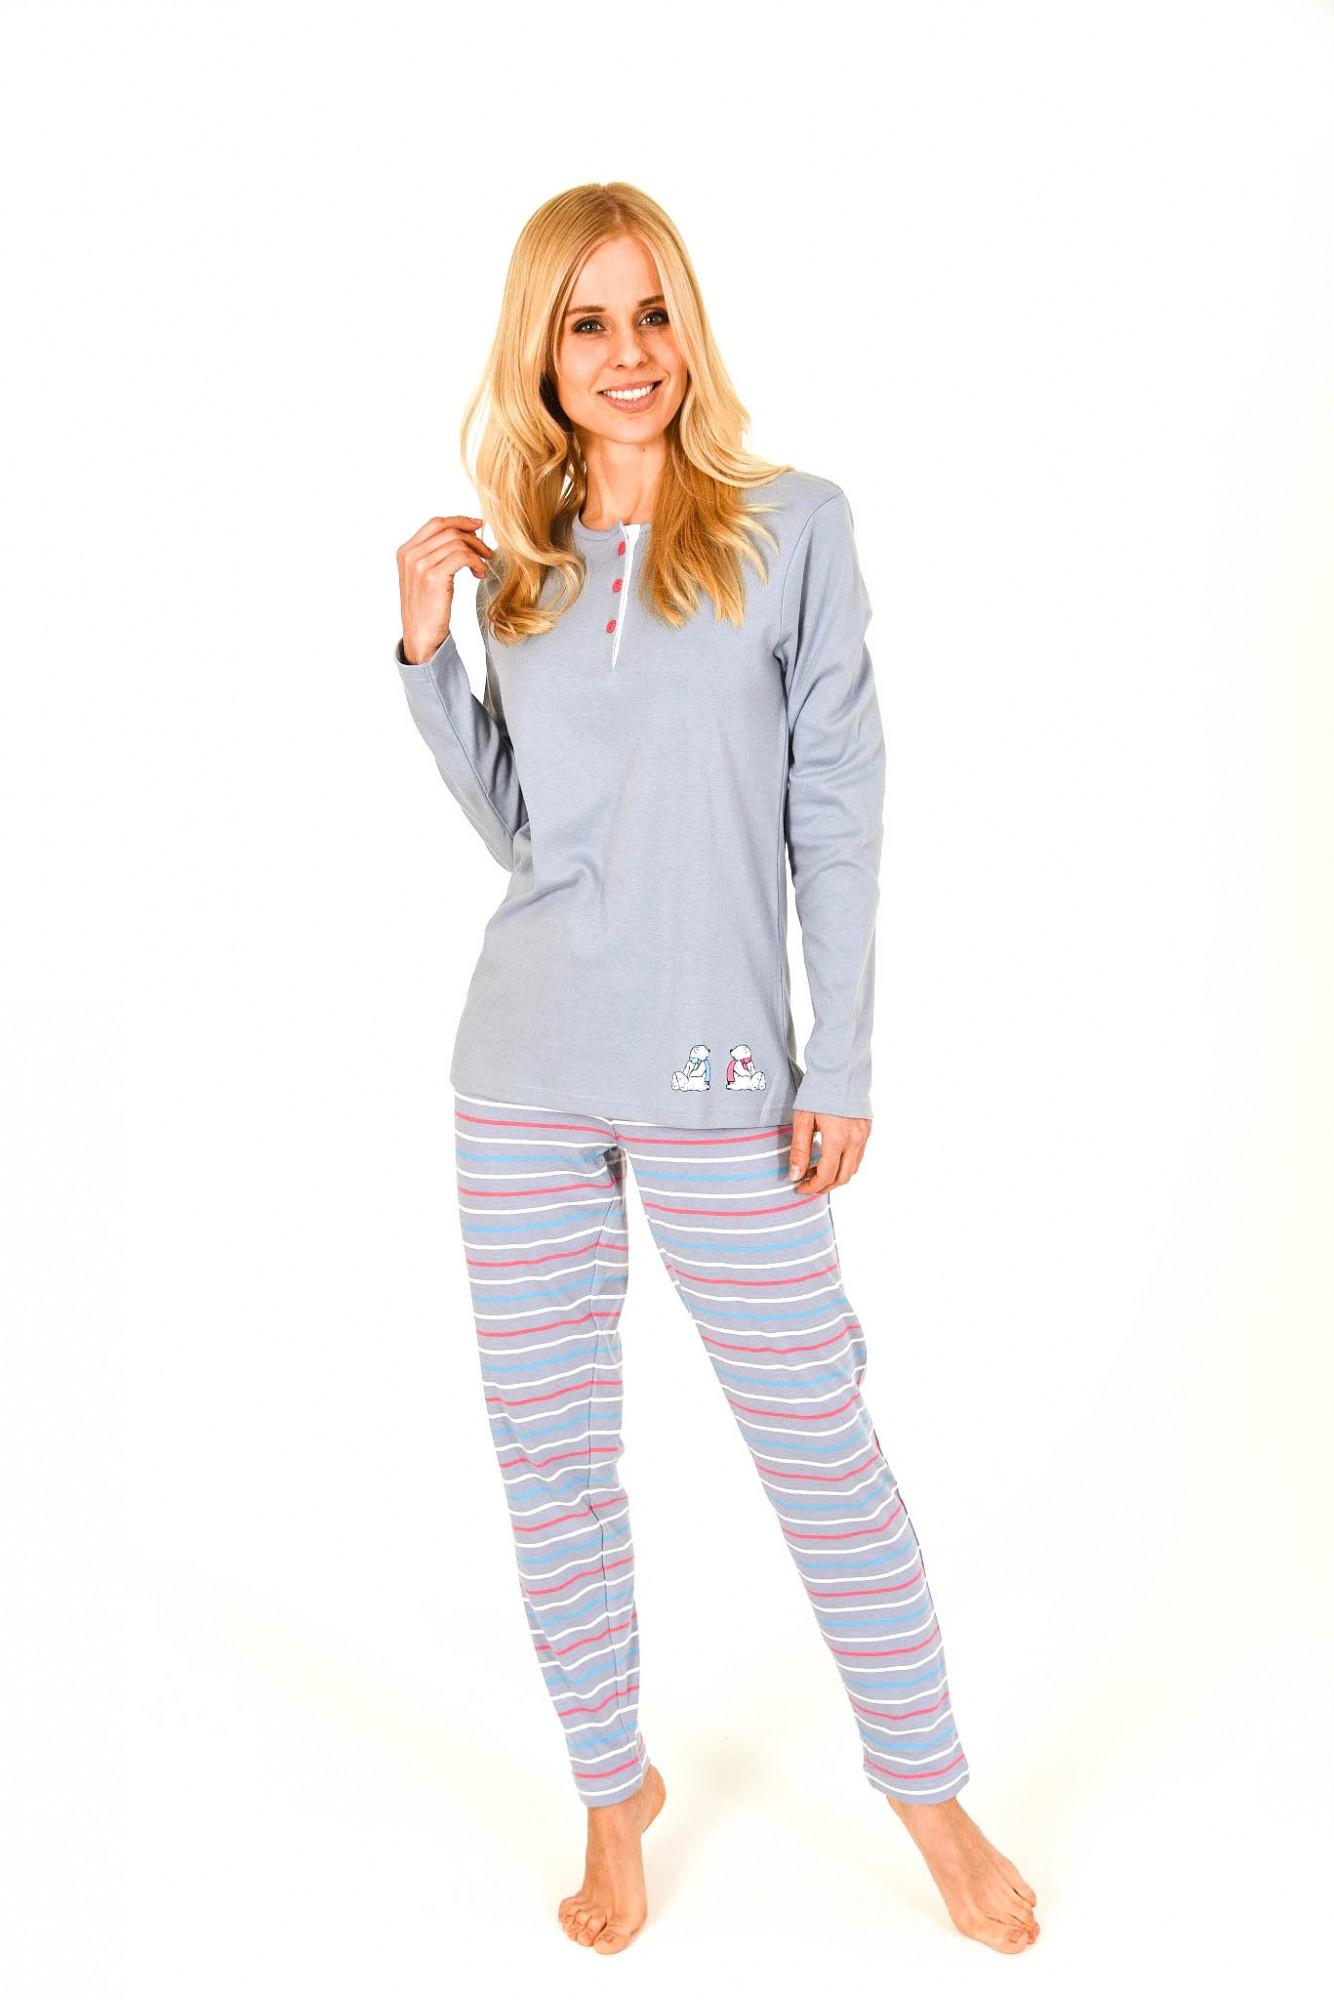 Damen Pyjama lang in Kuschel-Interlock-Qualität mit Bärchenapplikation – 201 96 226 001